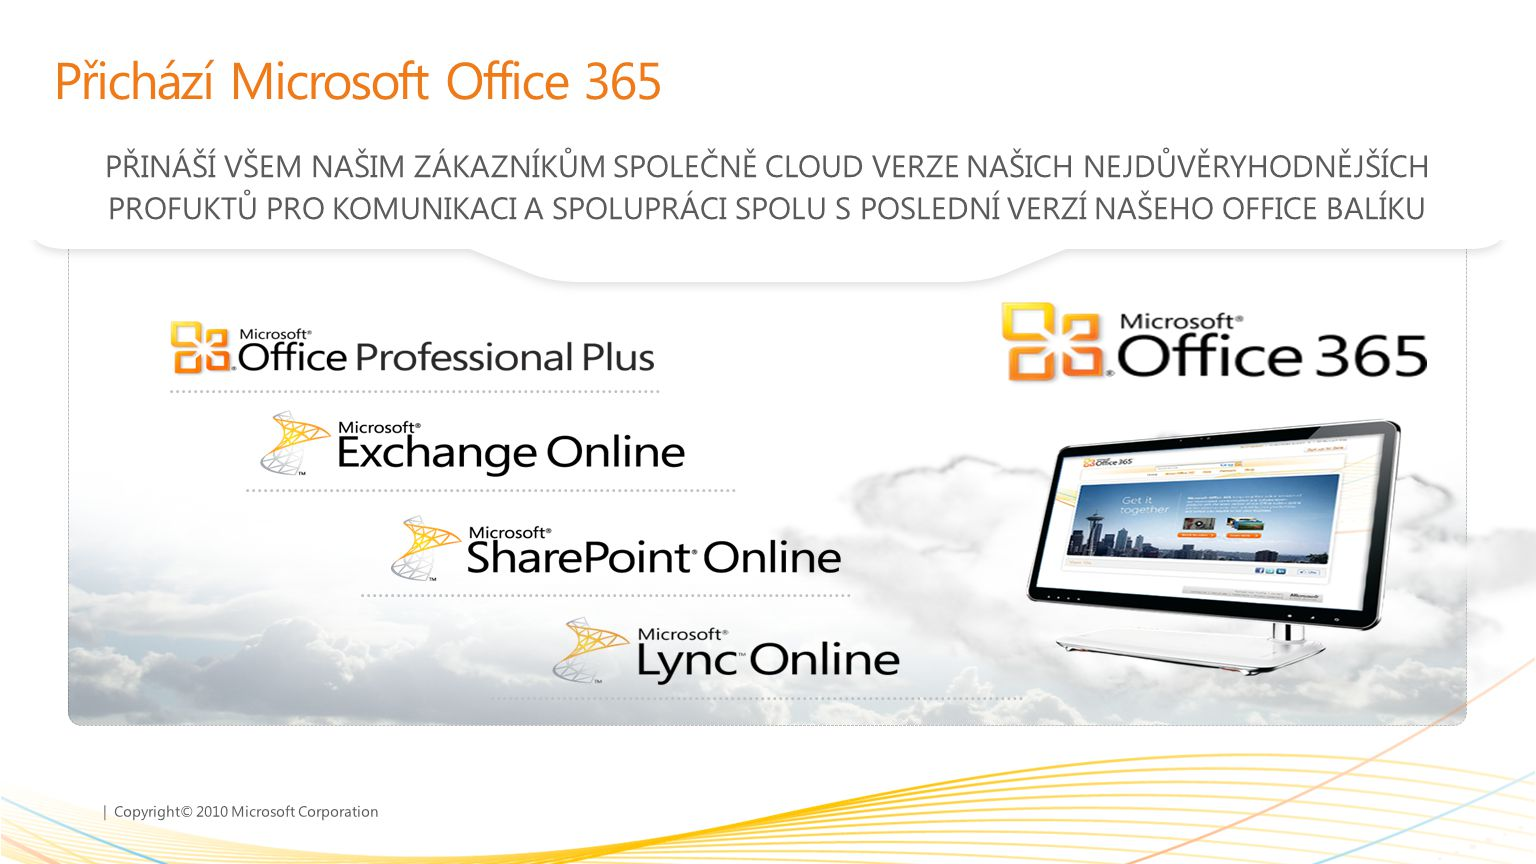 | Copyright© 2010 Microsoft Corporation Office 365 pro školství obsahuje … Ukládání dat a sdílení informací prostřednictvím osobního webu Udržujte úkoly a plány v rámci pracovní skupiny synchronizované Efektivní spolupráce s ostatními pedagogy a rodiči.